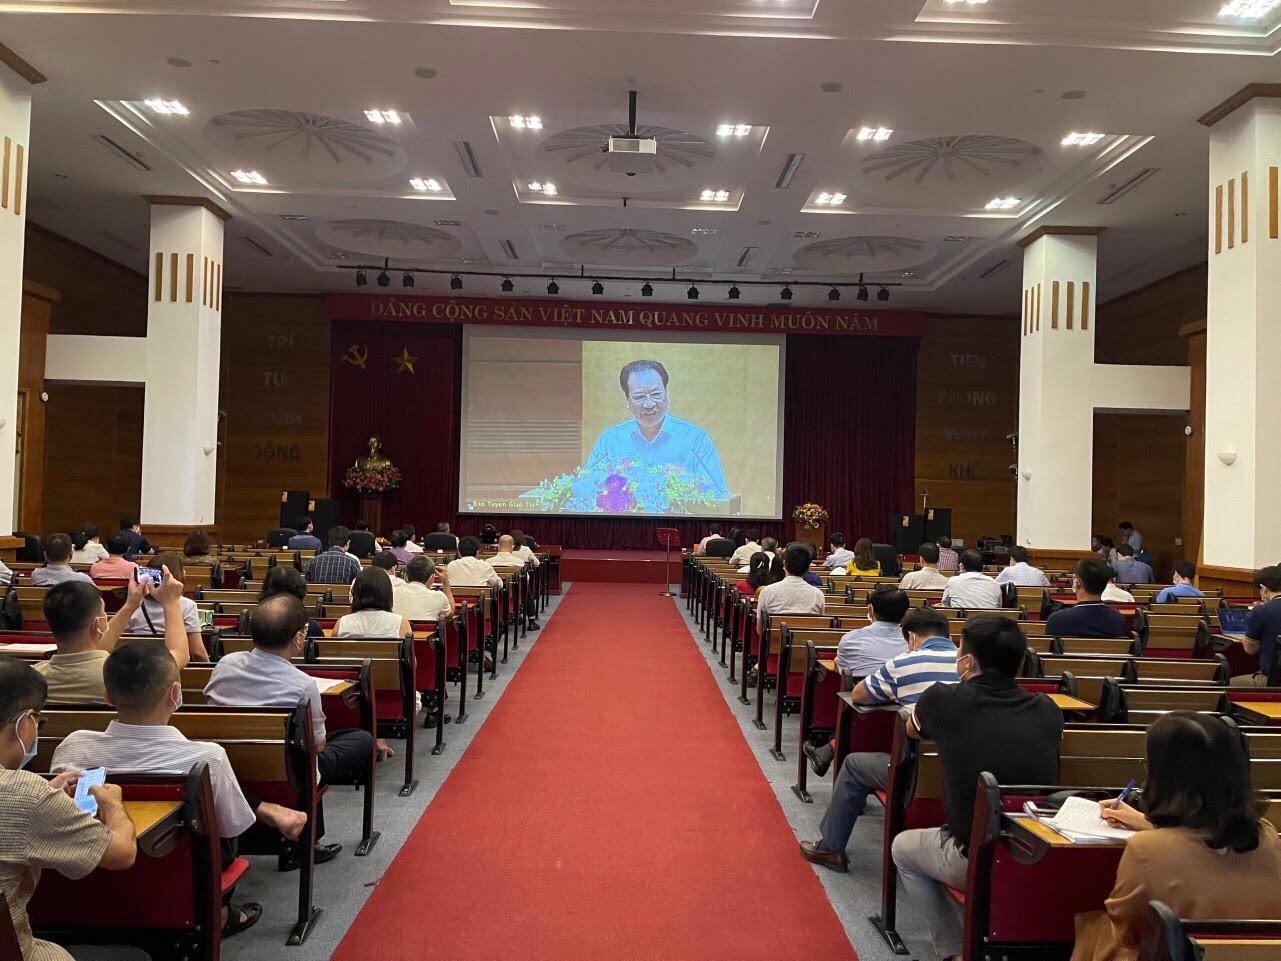 Các đại biểu tham dự Hội nghị tại điểm cầu Tổng công ty Hạ tầng mạng - Net, 30 Phạm Hùng, Hà Nội